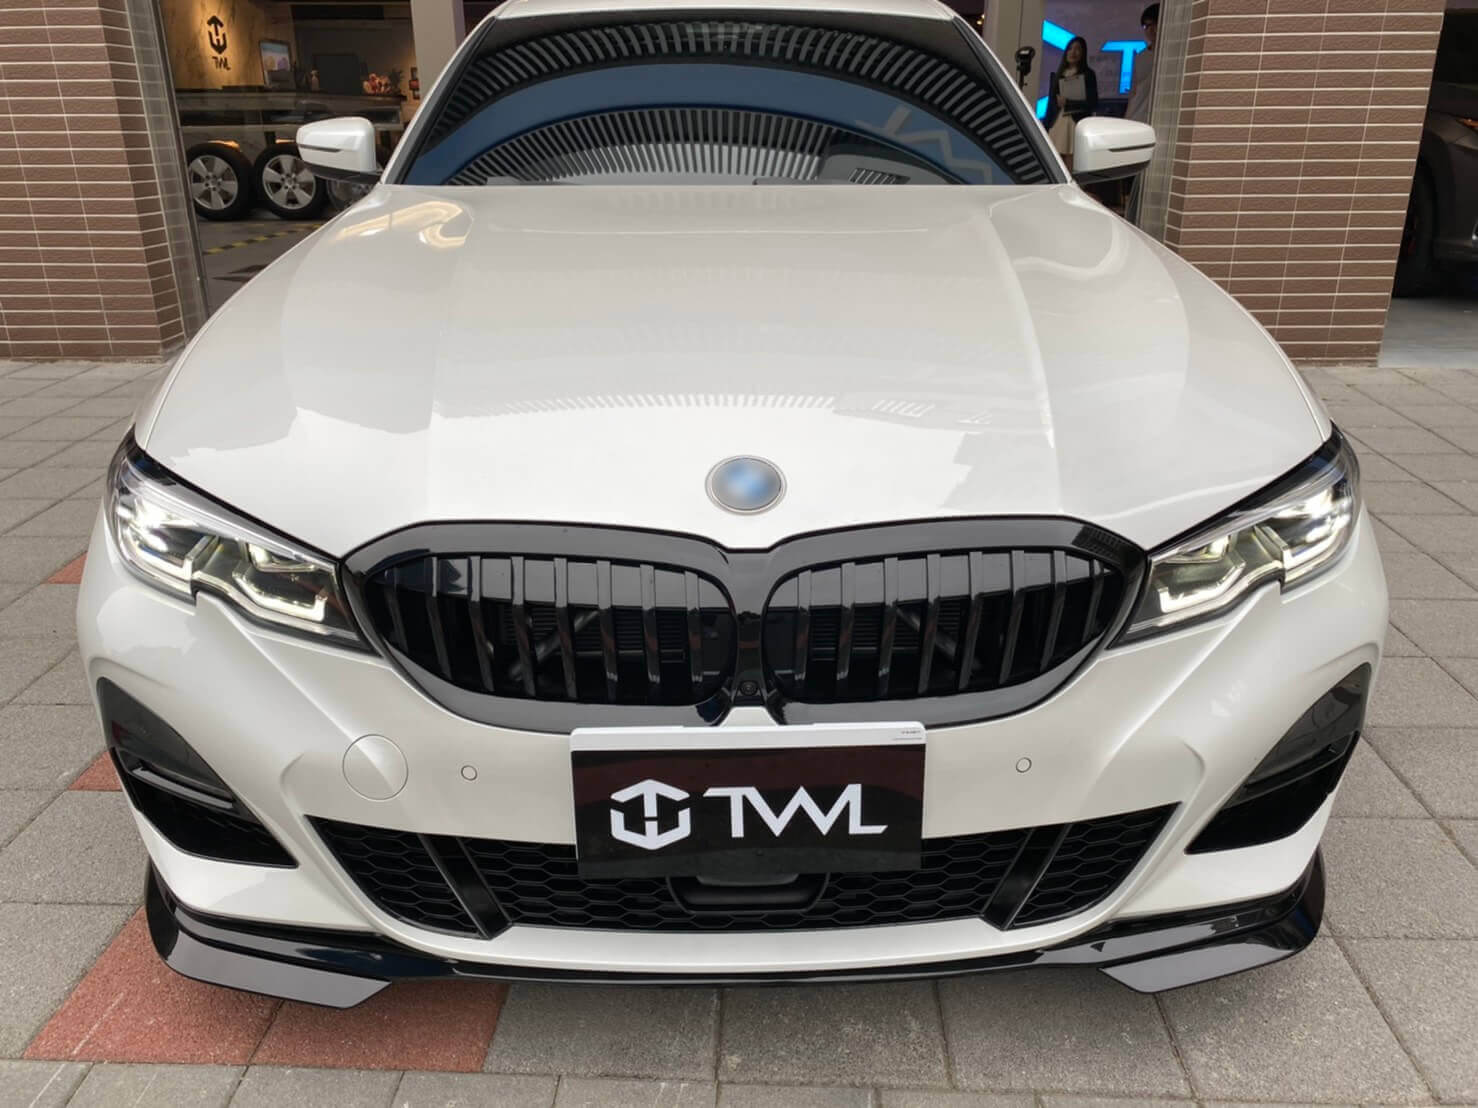 TWL-BMW G20 320i 330i 340i-Grille